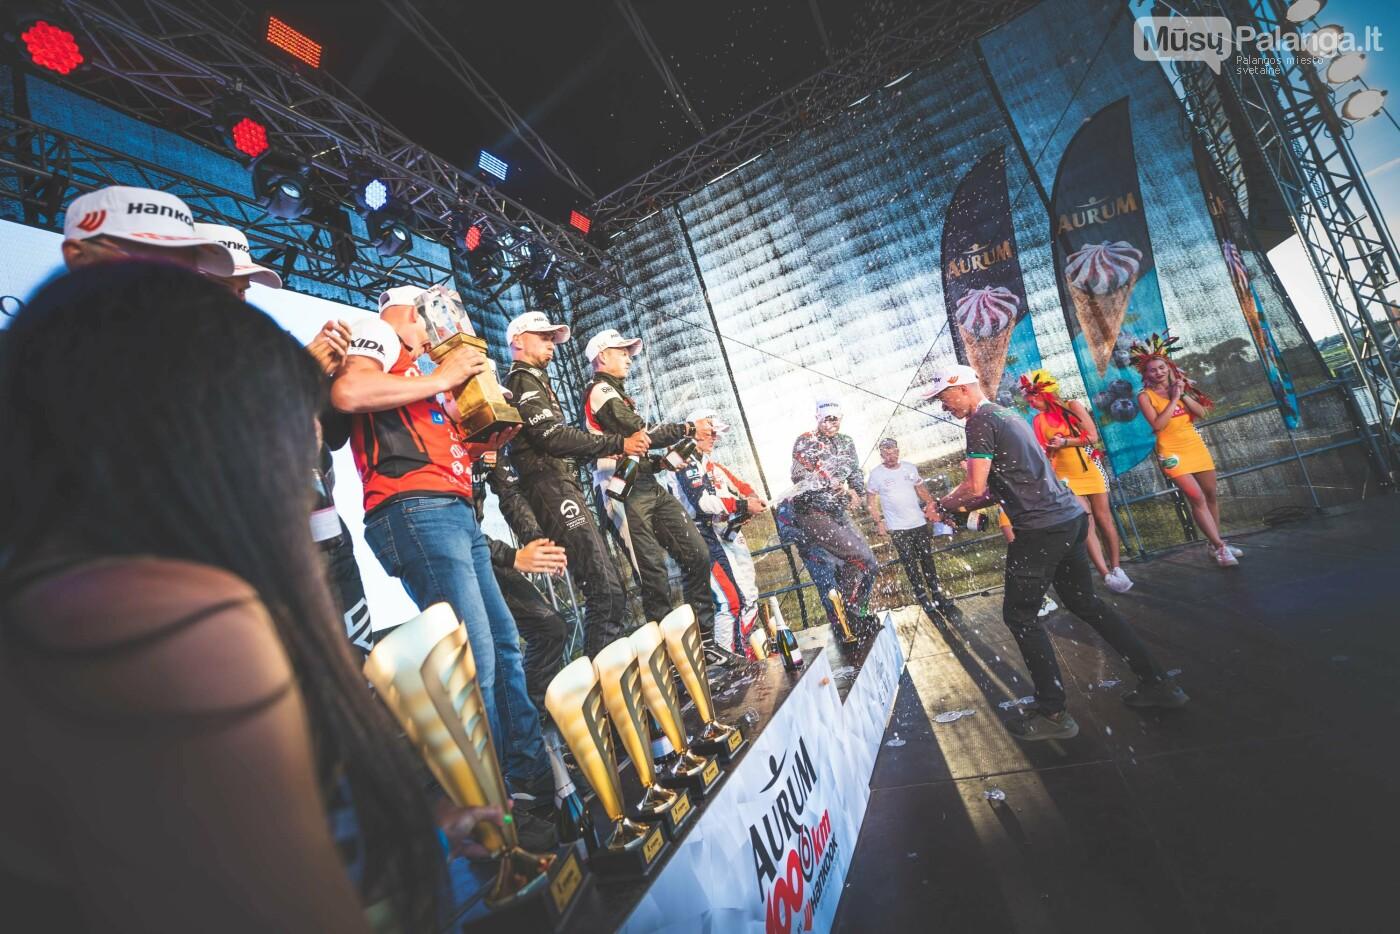 """""""Aurum 1006 km"""" lenktynėse Palangoje – praėjusių metų nugalėtojų triumfas , nuotrauka-12, Vytauto PILKAUSKO ir Arno STRUMILOS nuotr."""